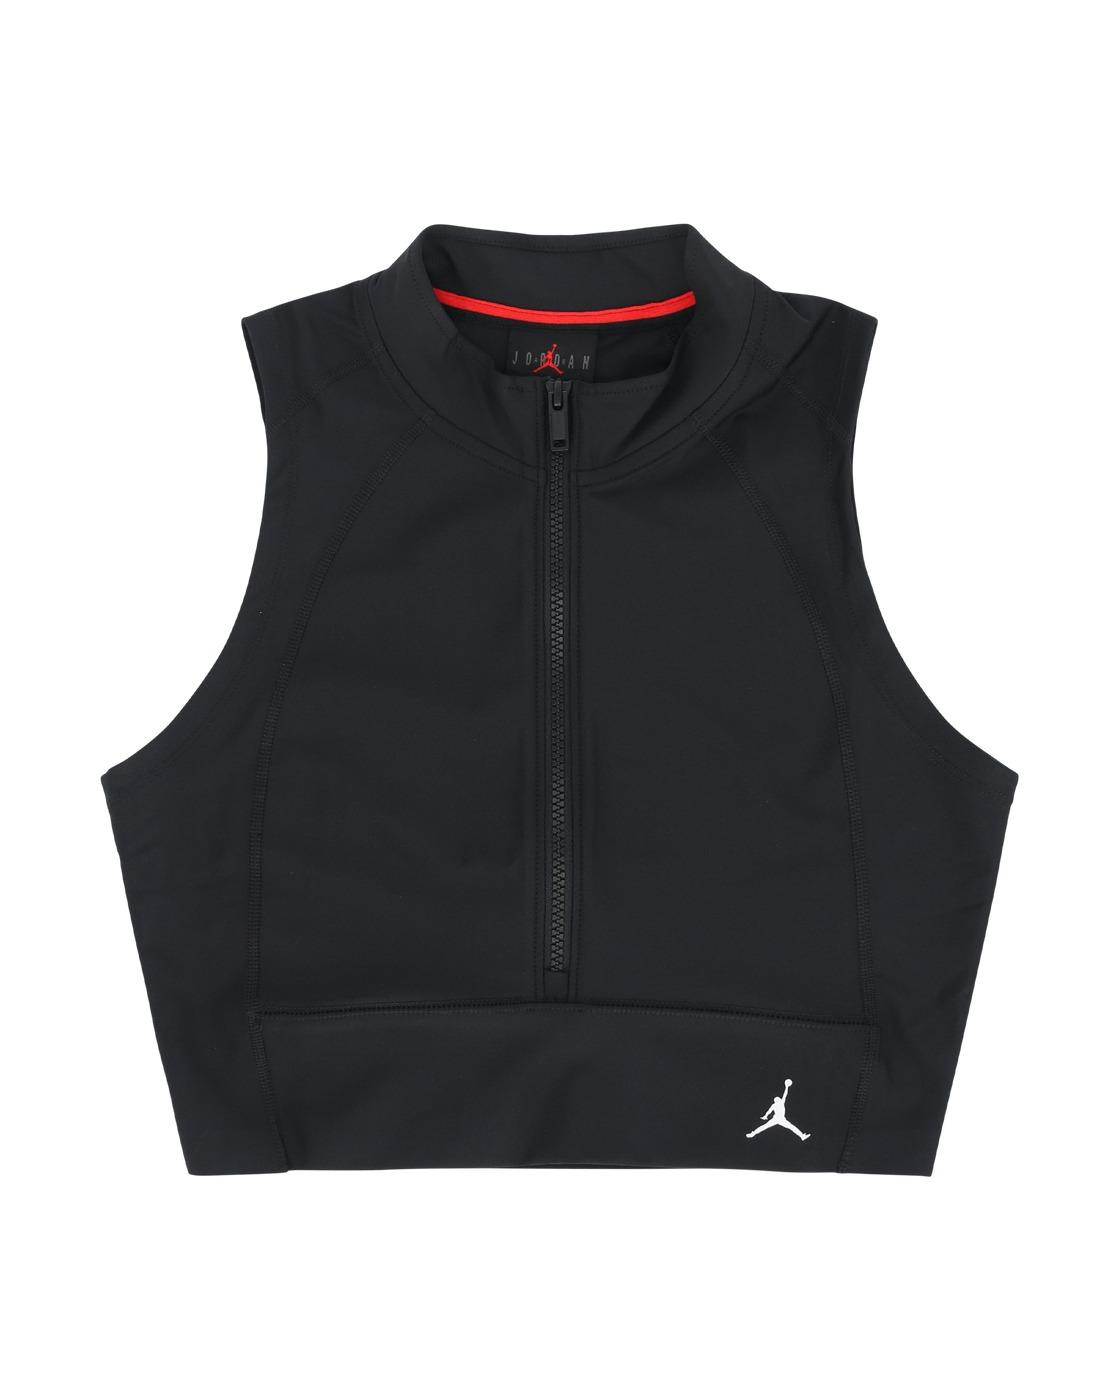 Nike Jordan Body Con Crop Top Black/White